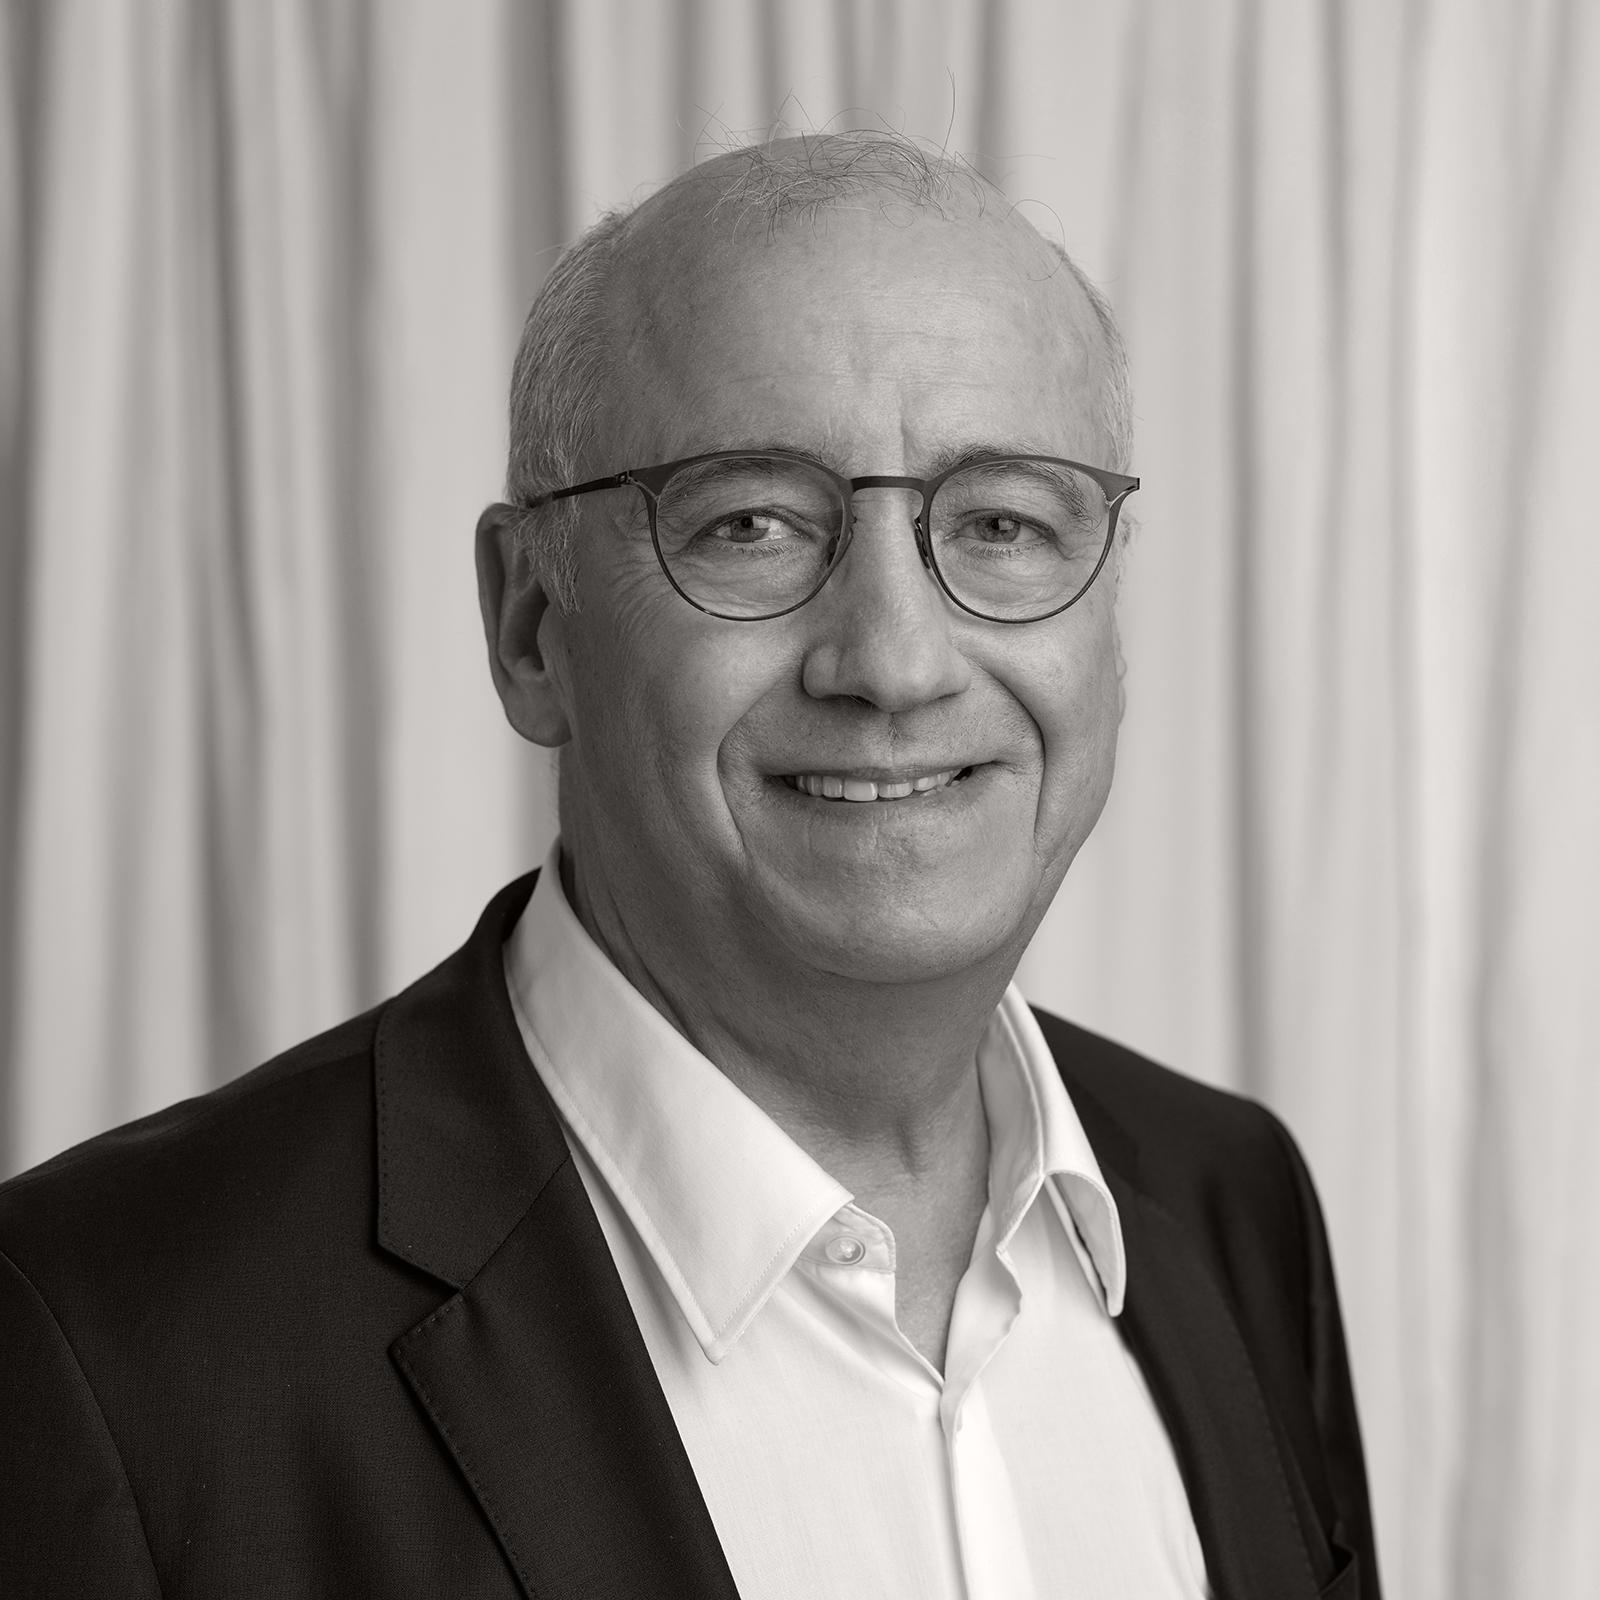 Heinz Groten